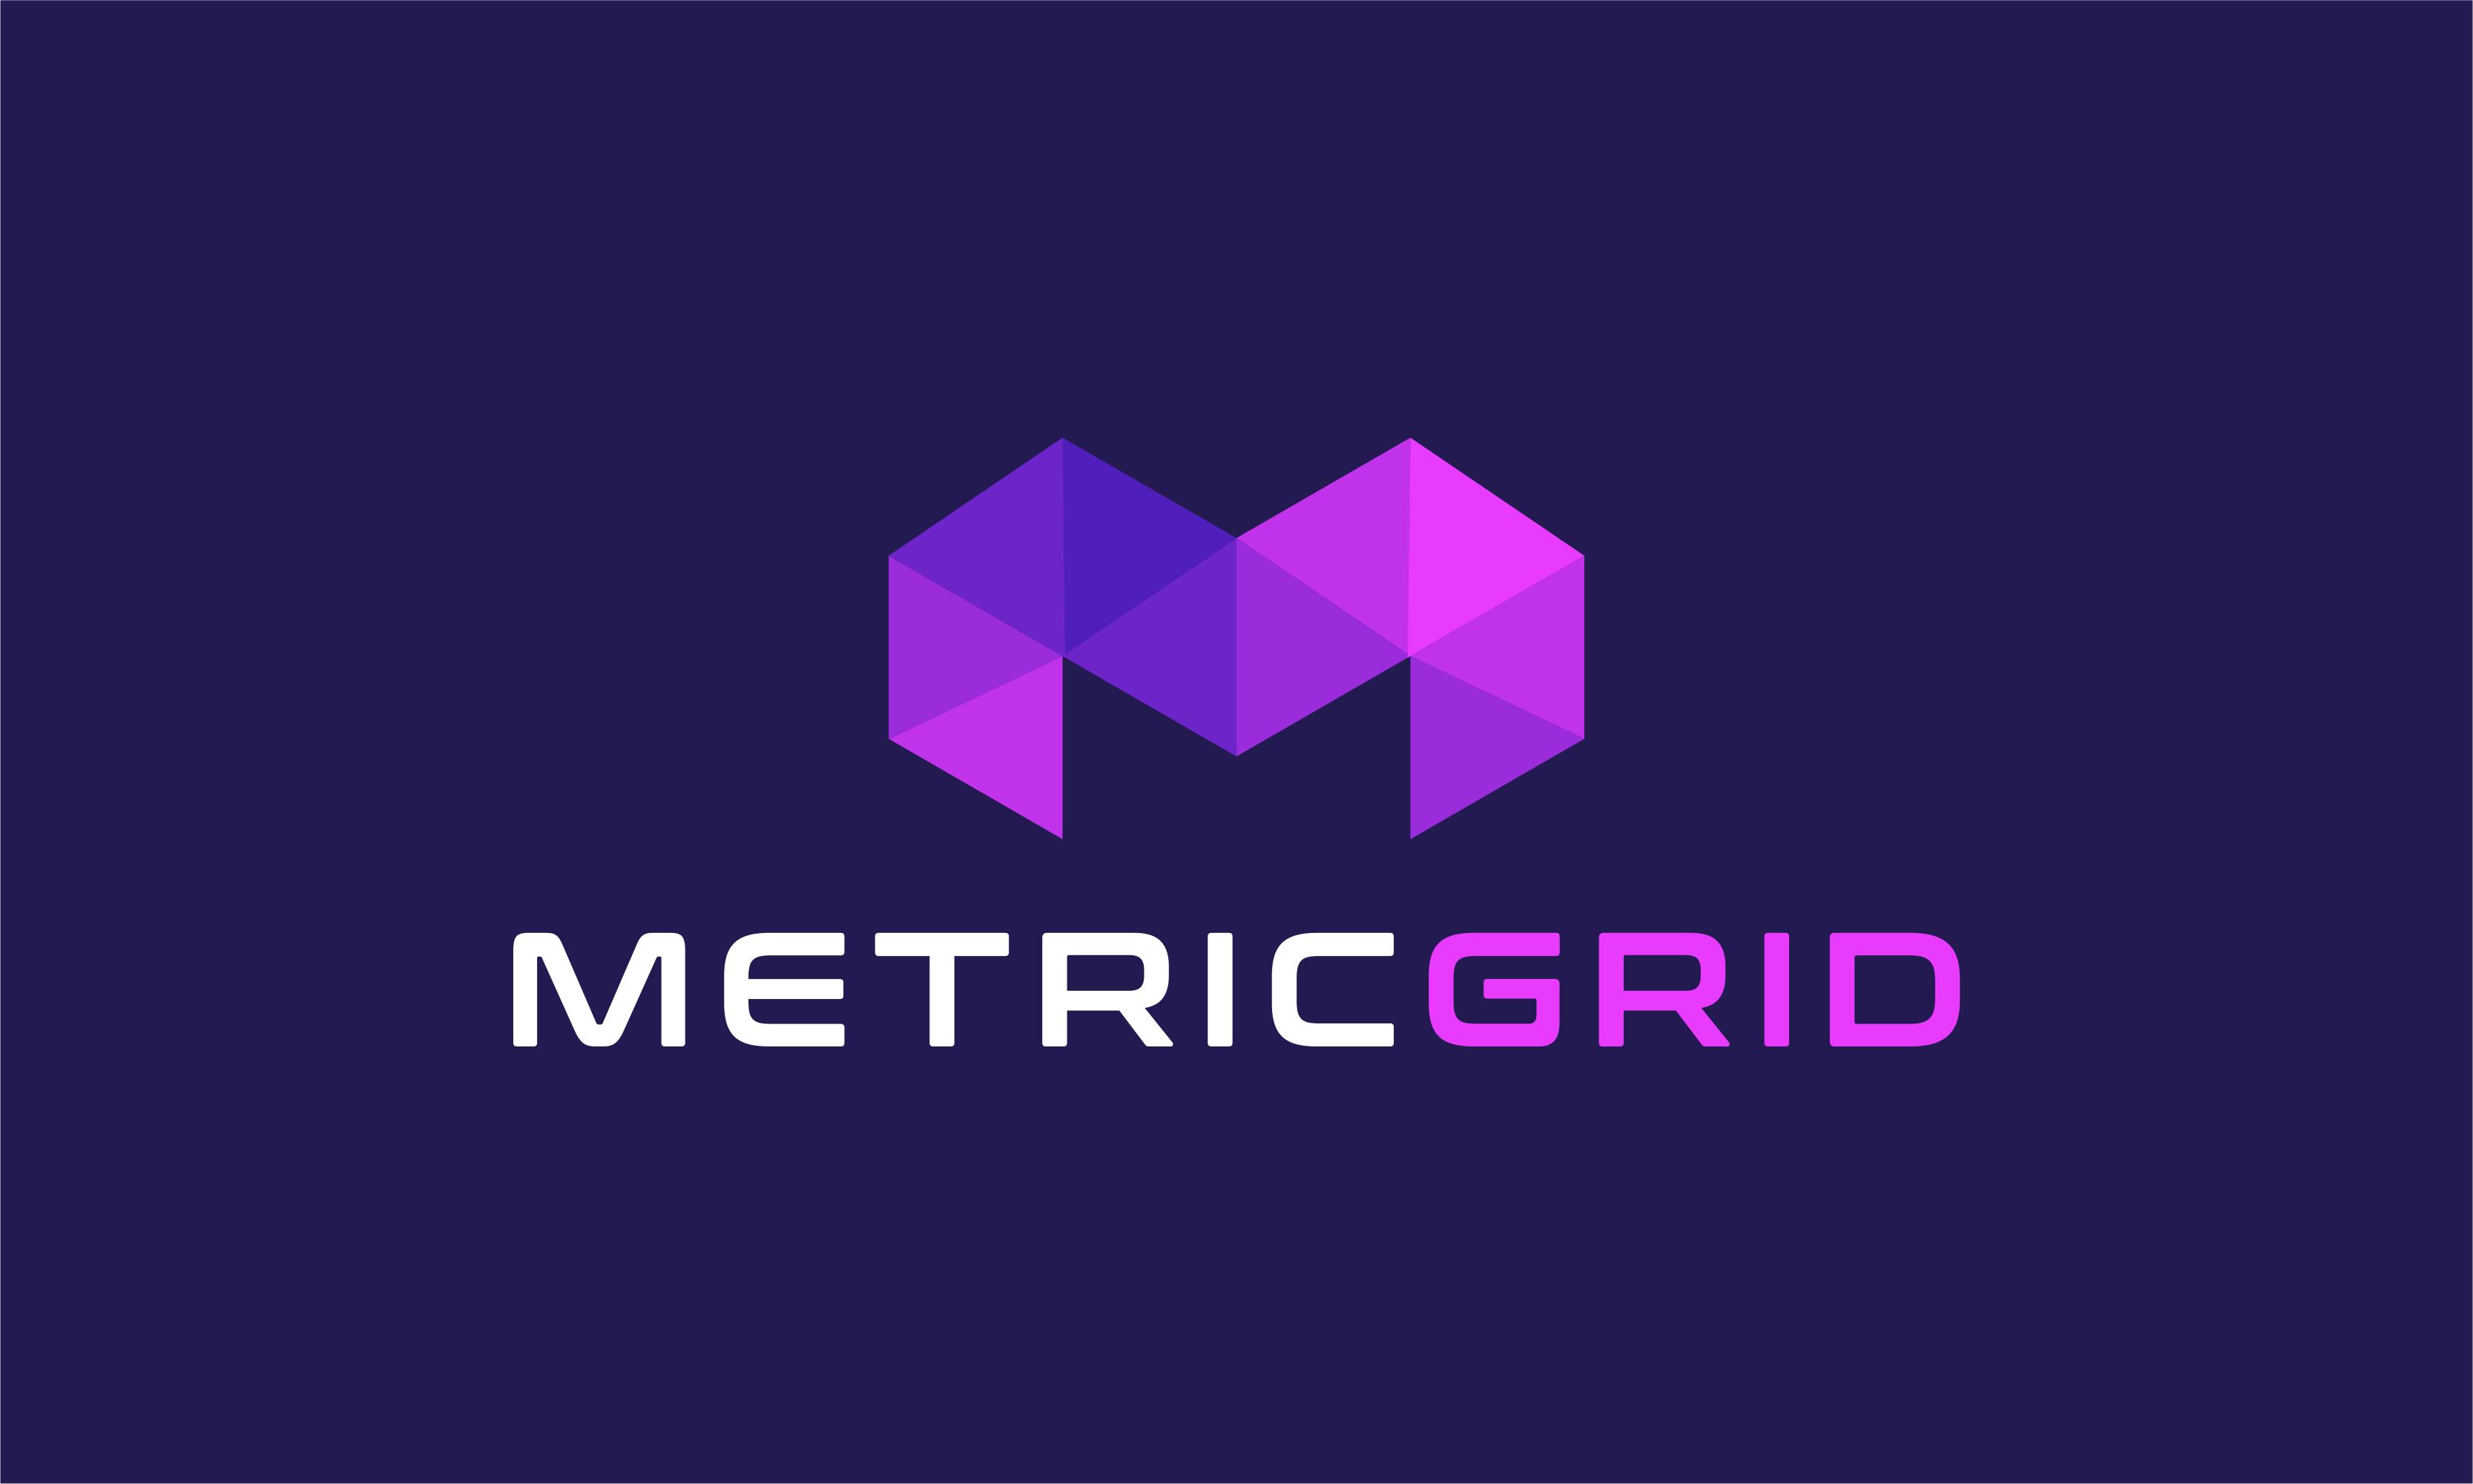 Metricgrid